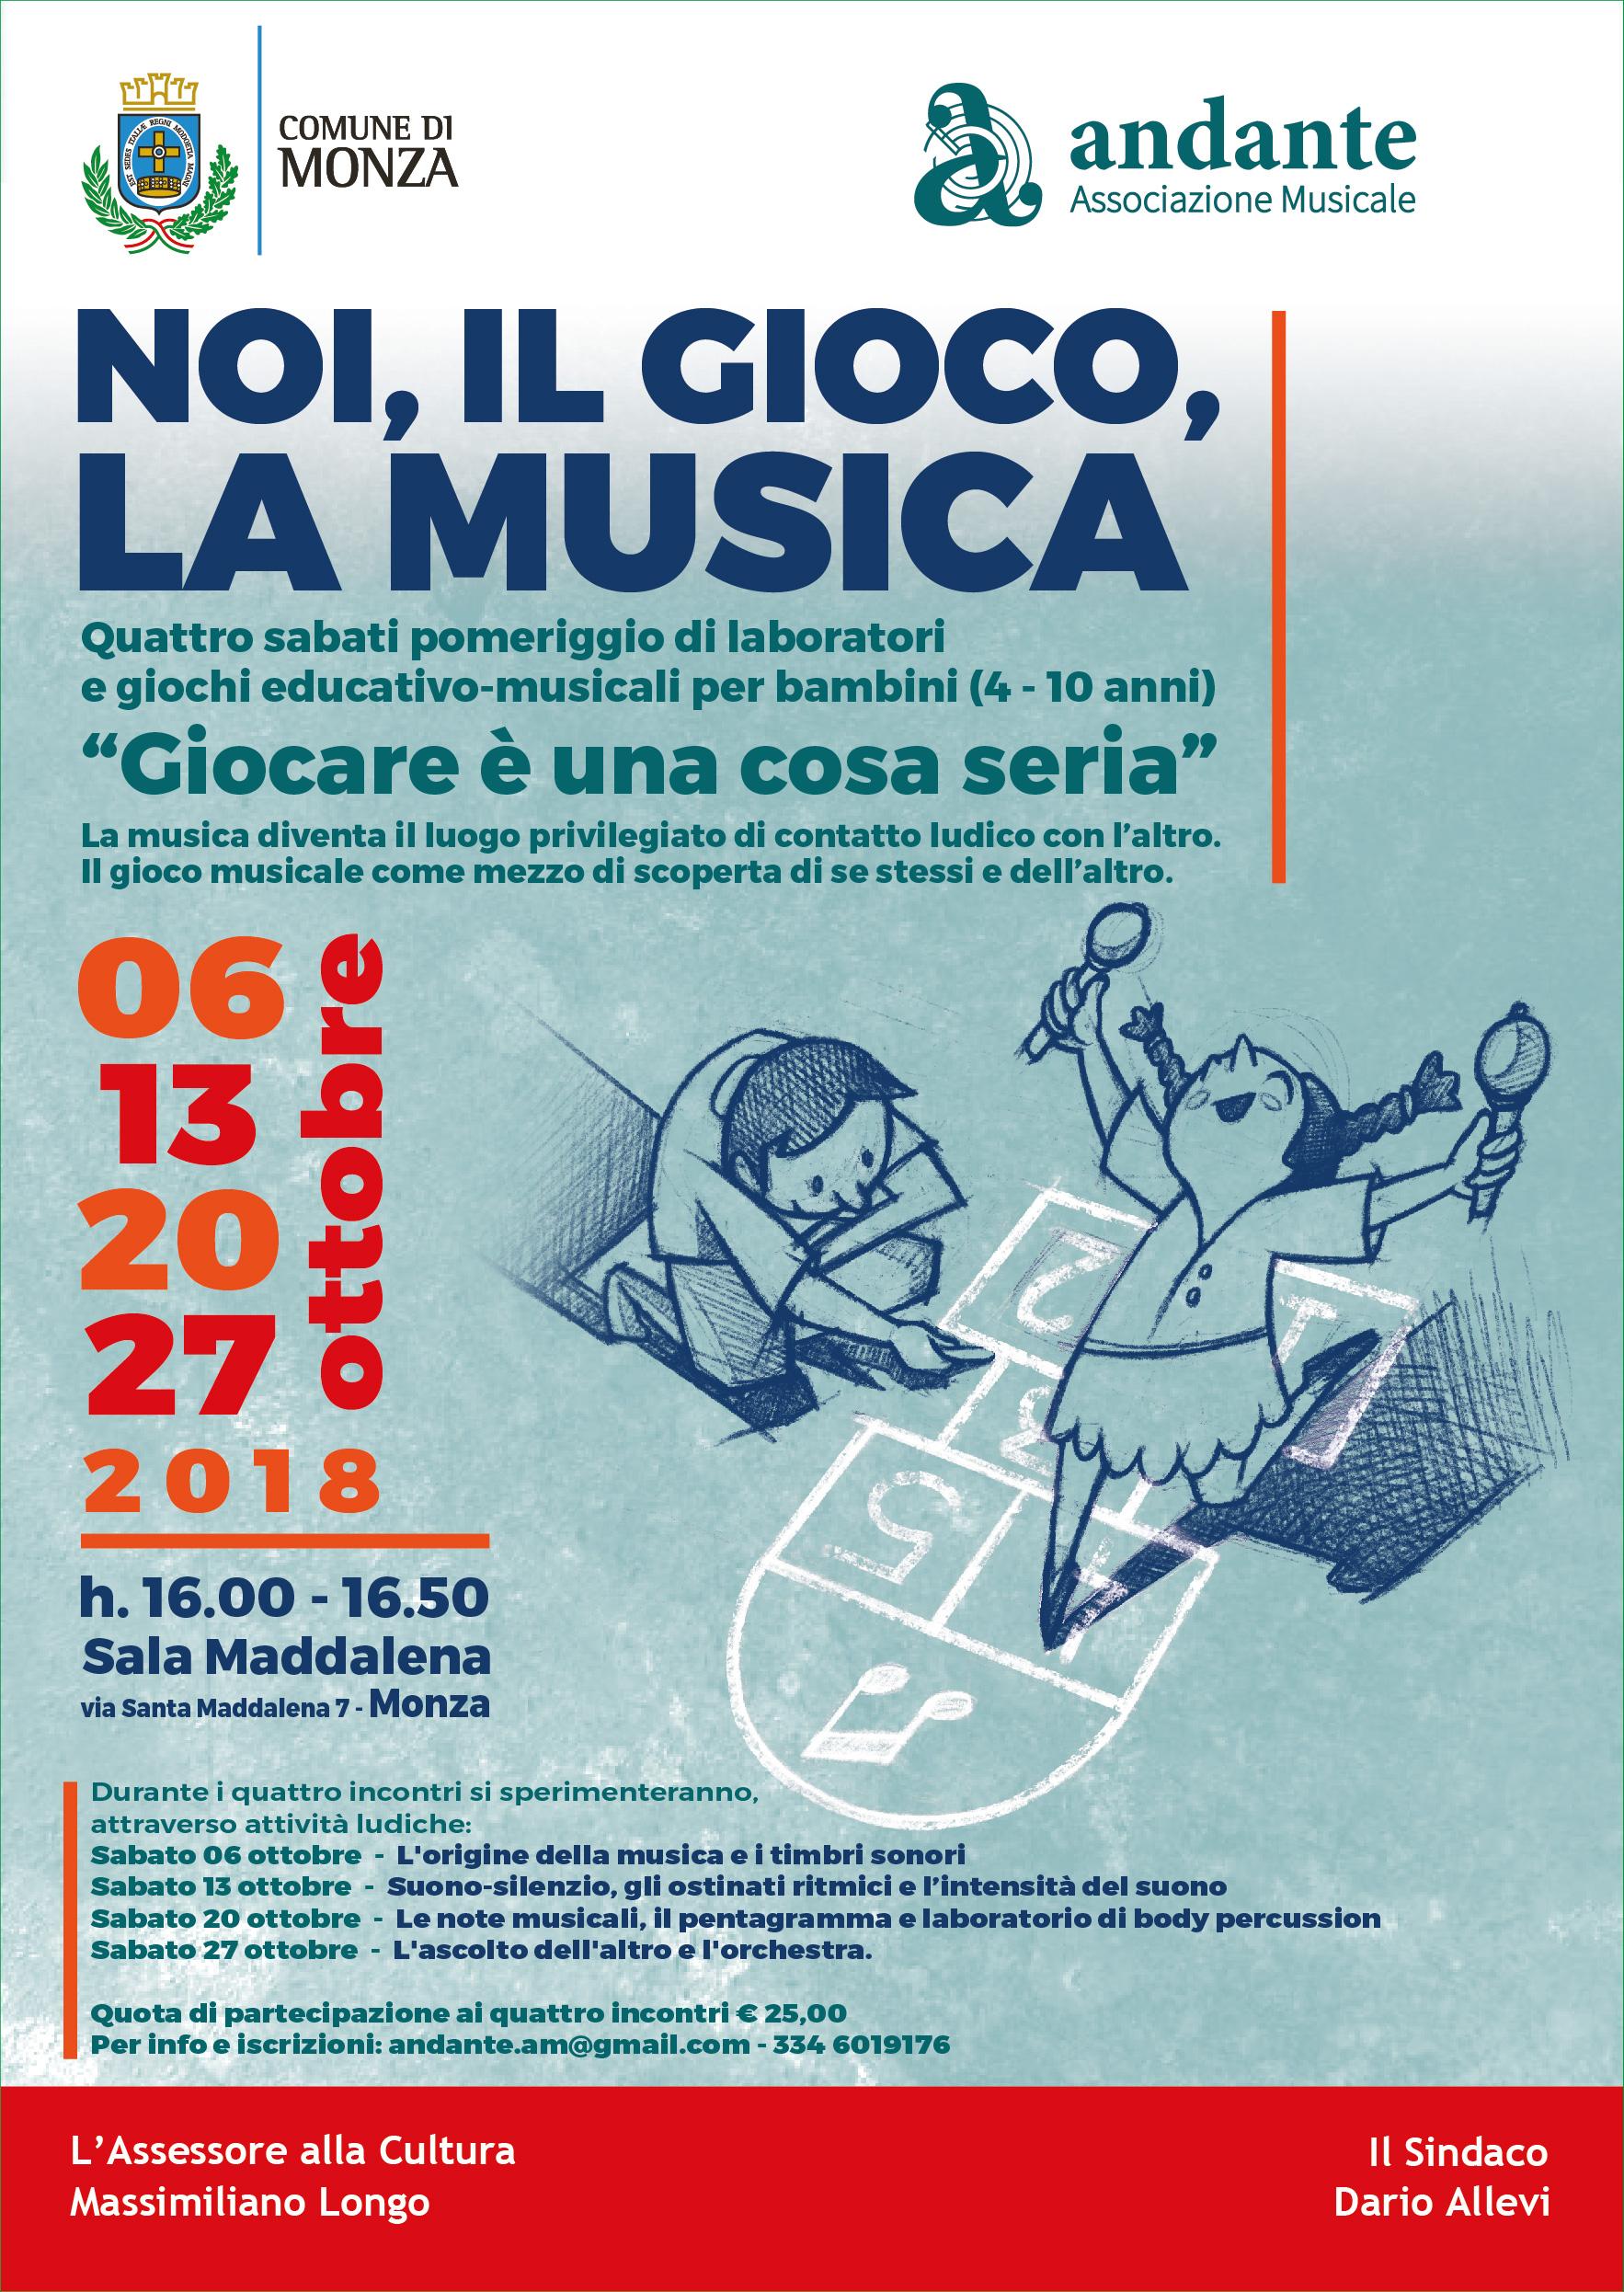 LOCANDINA NOI_IL GIOCO_LA MUSICA.jpg